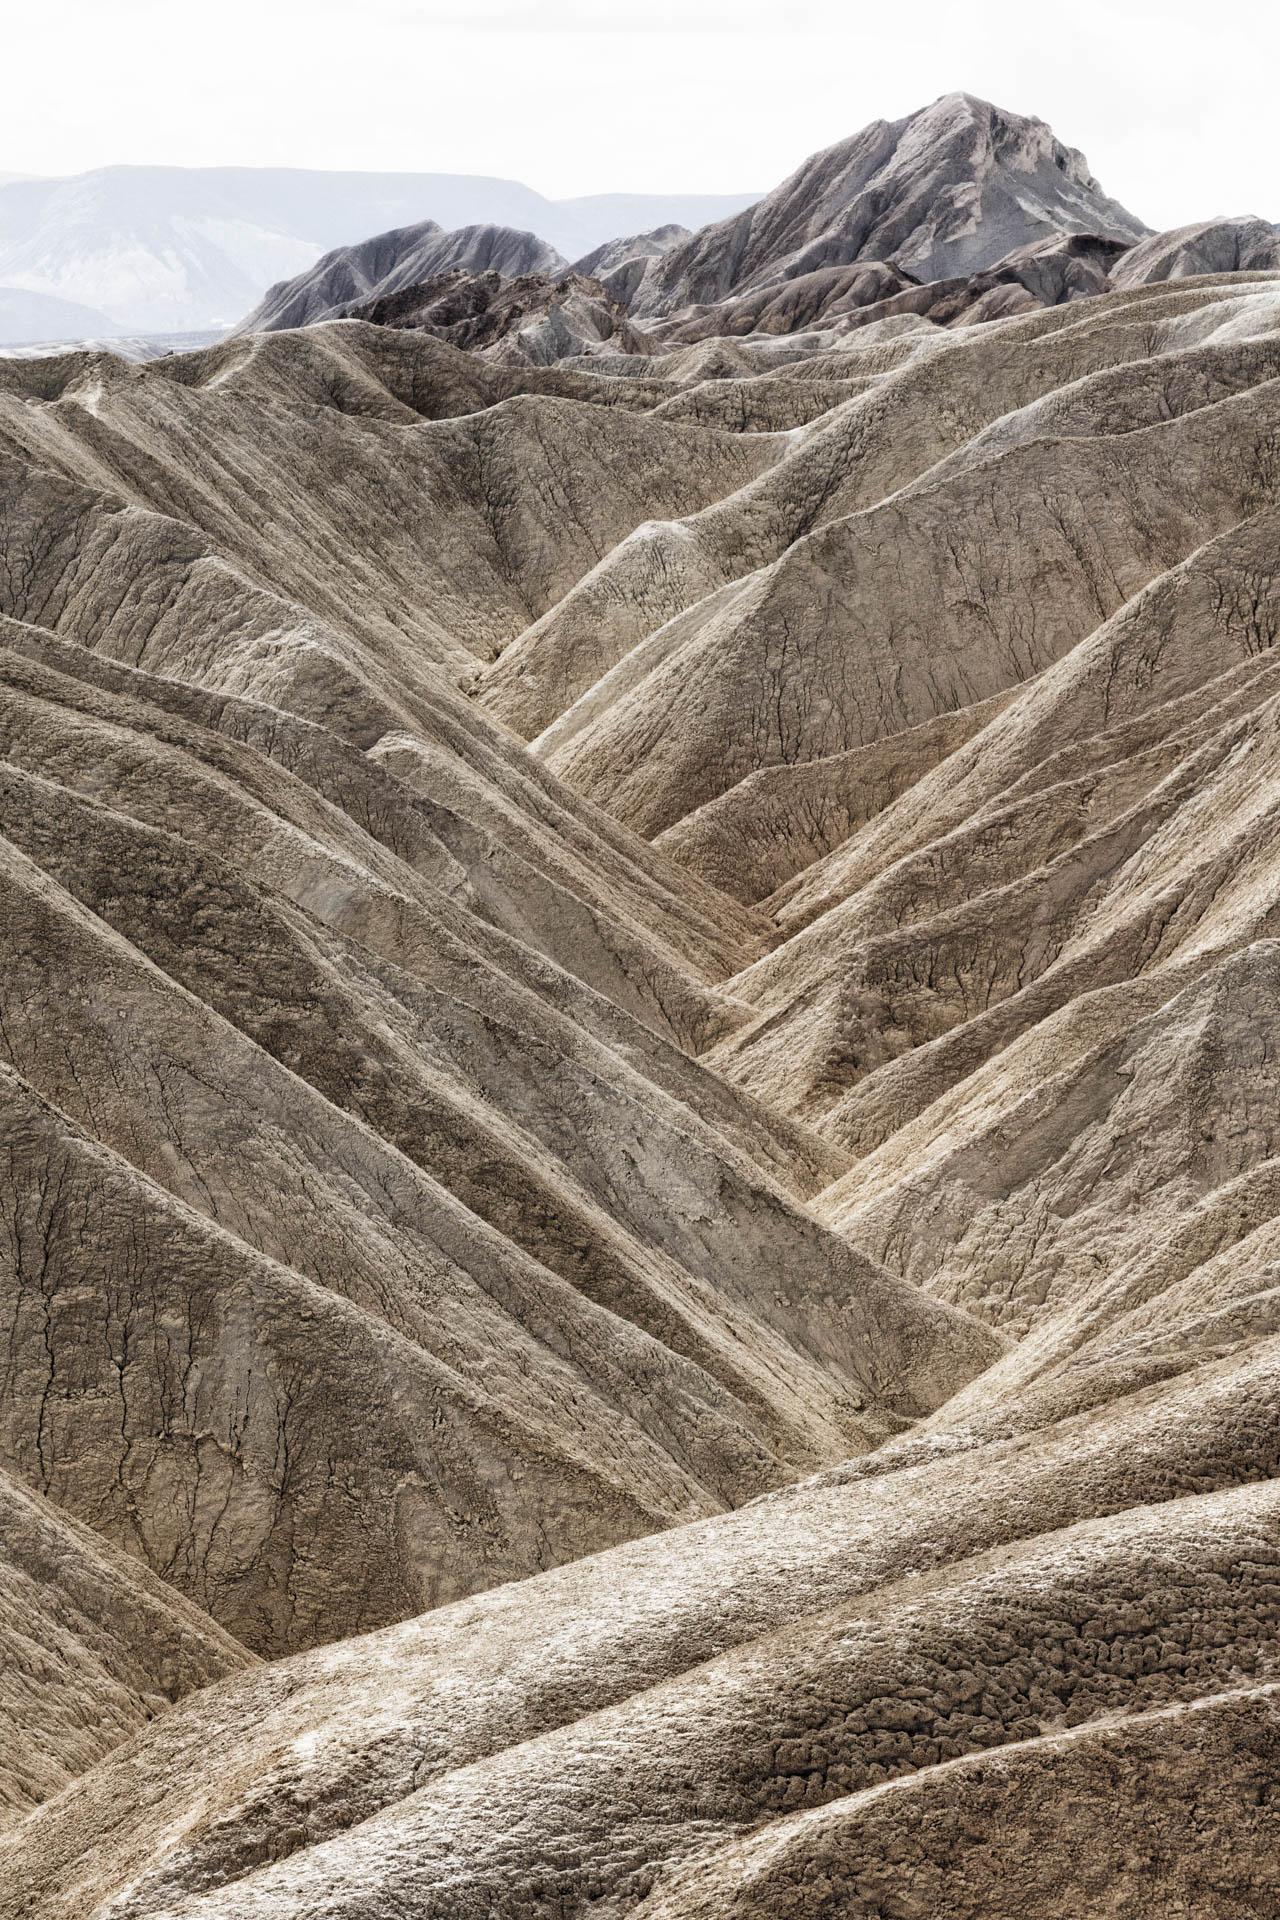 LDKphoto - Death Valley - 08.jpg